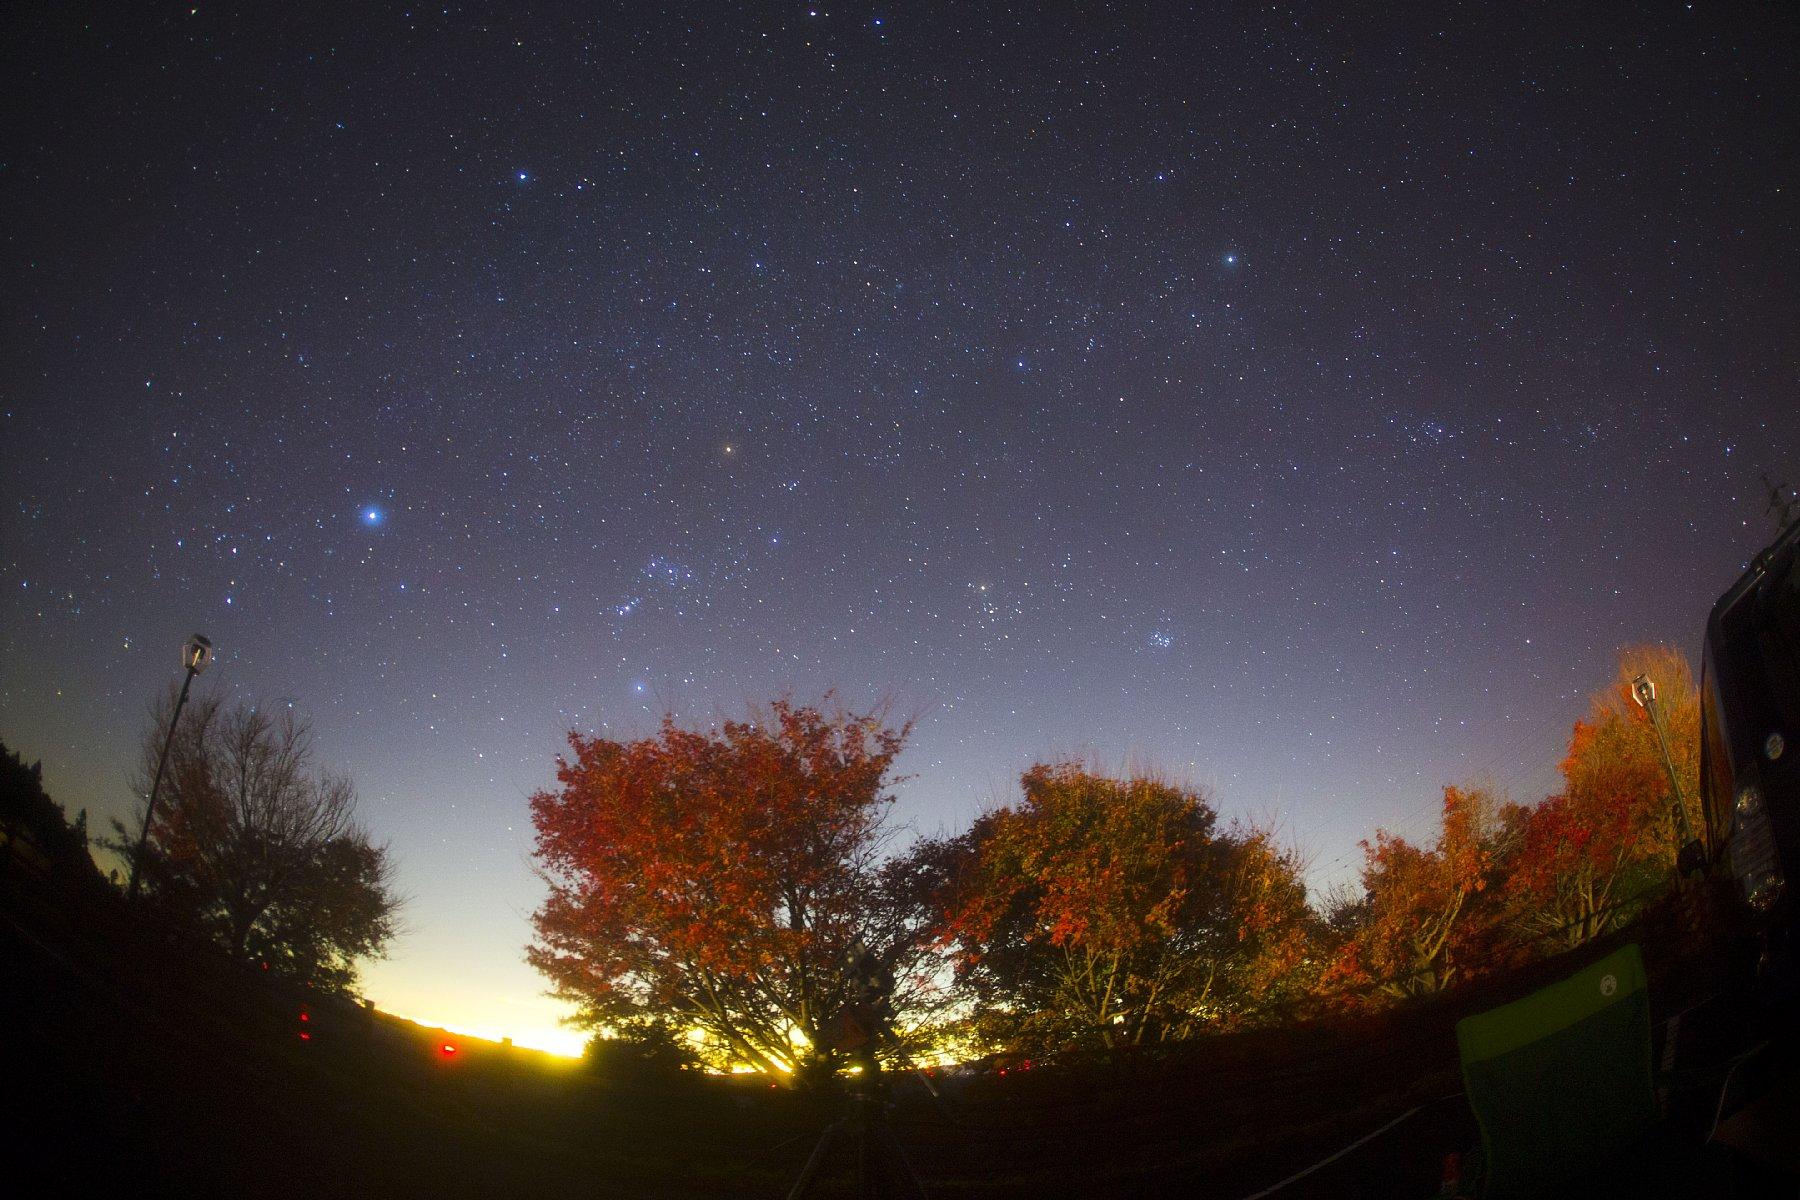 【星景】秋の紅葉と冬の天の川